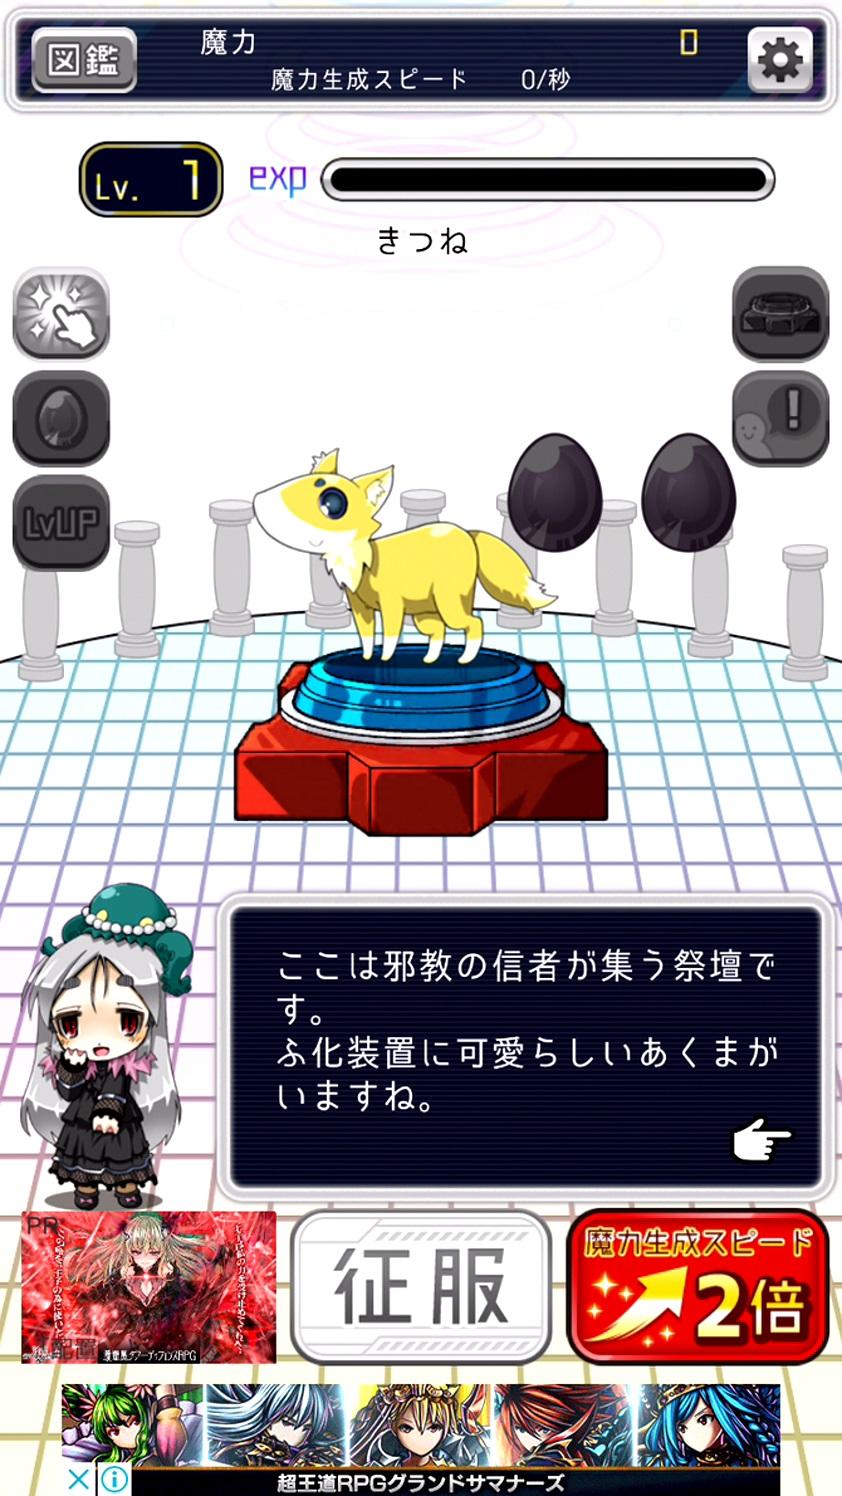 androidアプリ [日本のみなさんさようなら]~ゼロから始める魔王生活~攻略スクリーンショット3